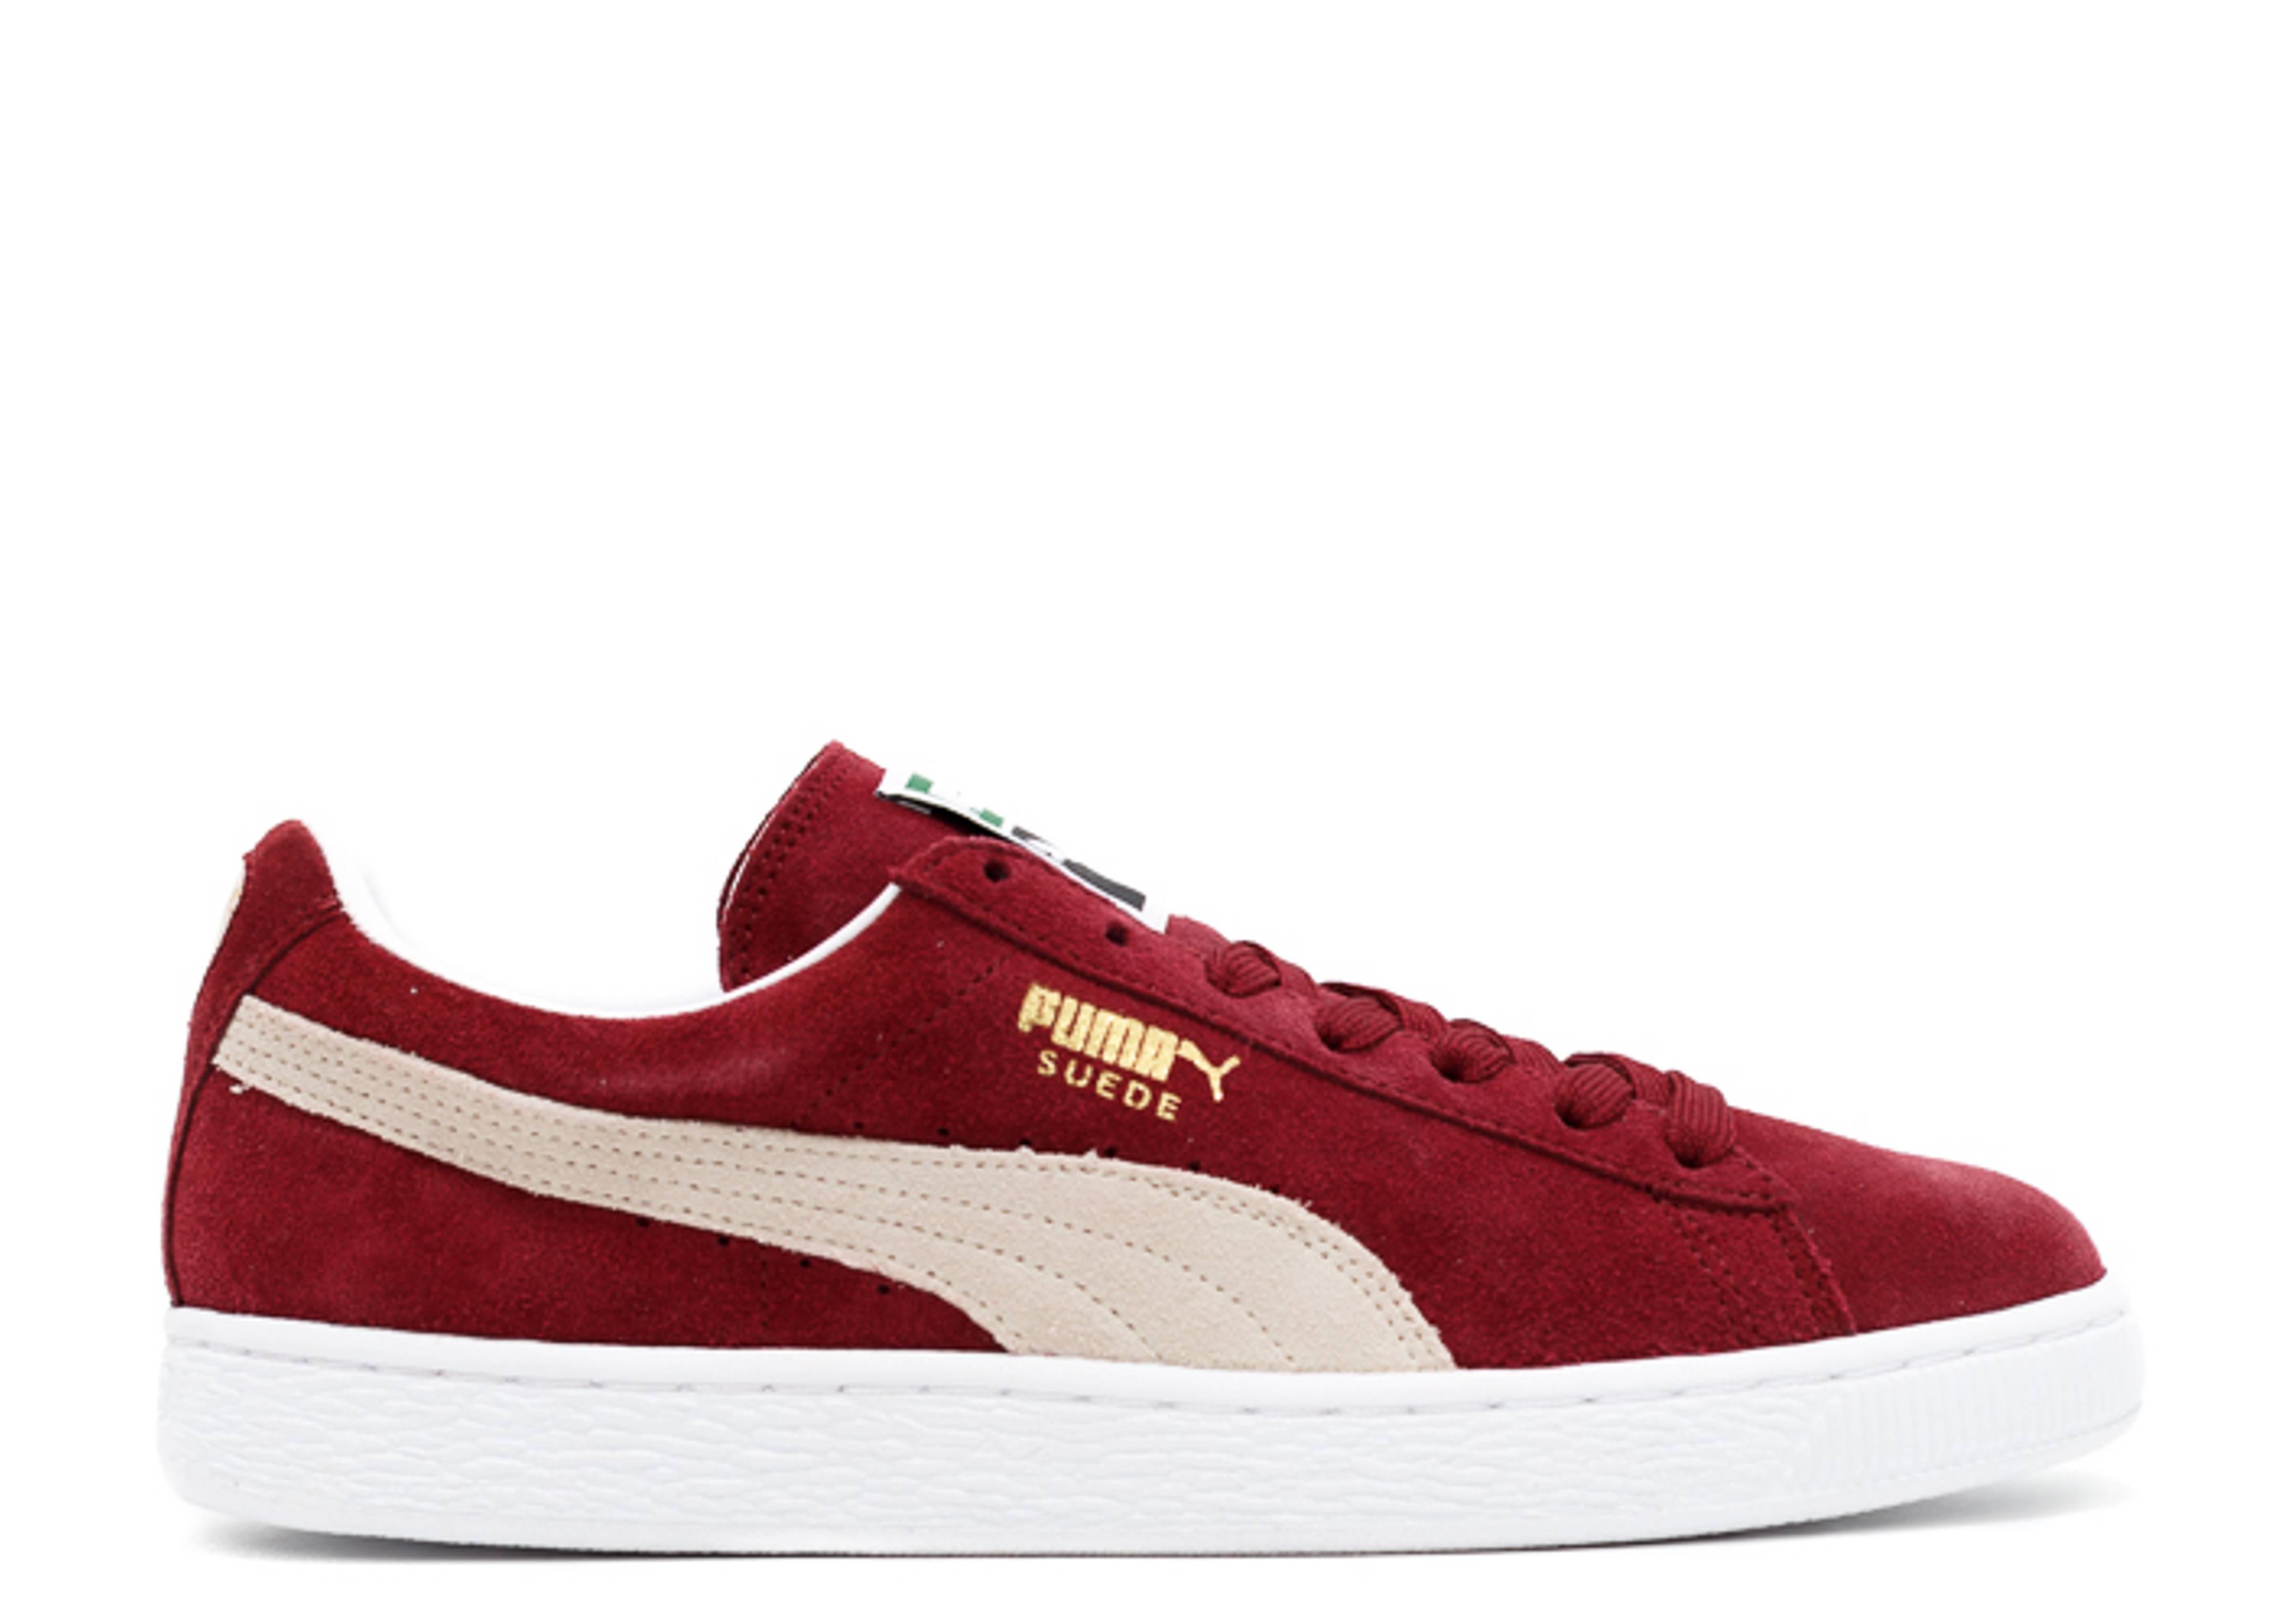 best sneakers 68313 87376 Suede Classic + - Puma - 35263475 - cabernet/white | Flight Club